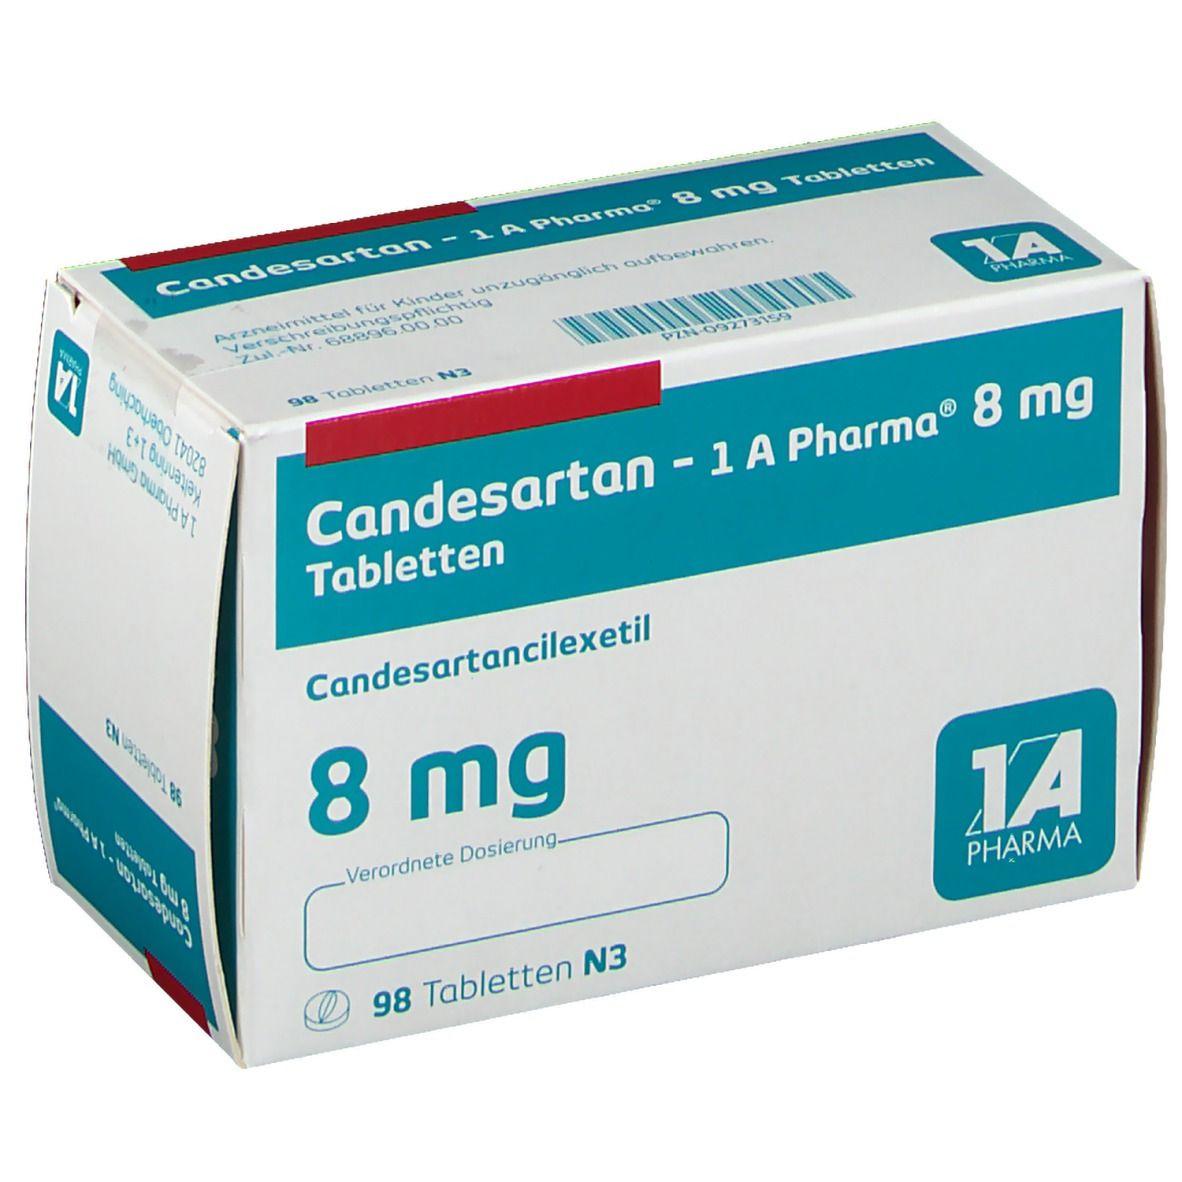 Cardispan zur Gewichtsreduktion Paracetamol Dosierung